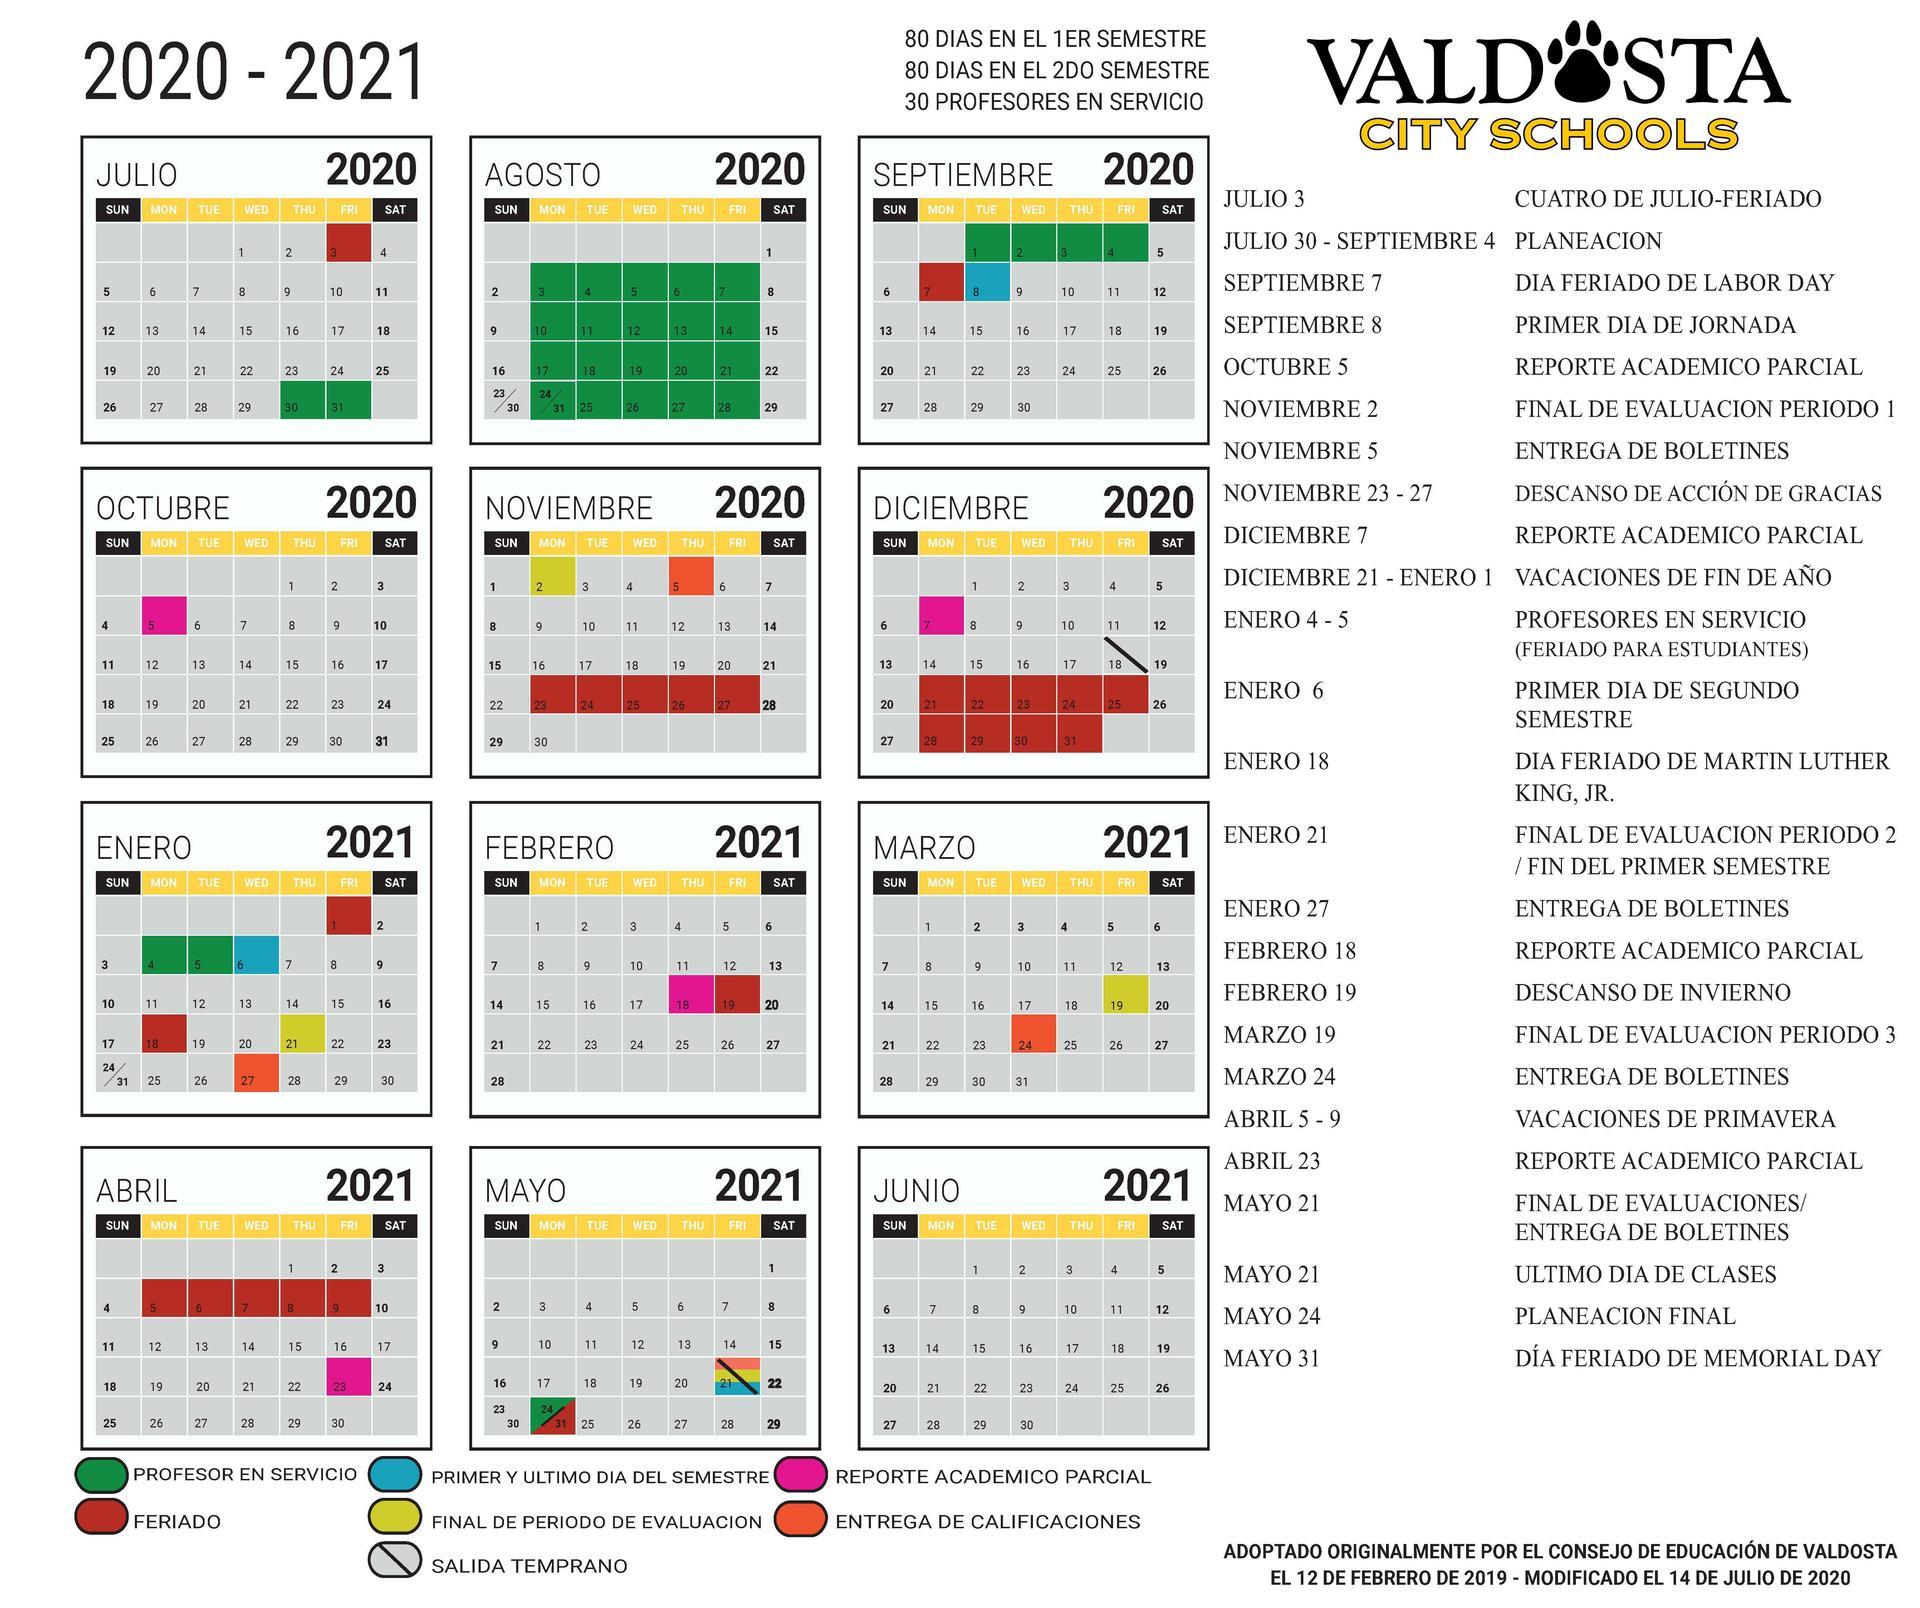 Haz clic aquí para descargar el Calendario Académico Español 2020-2021